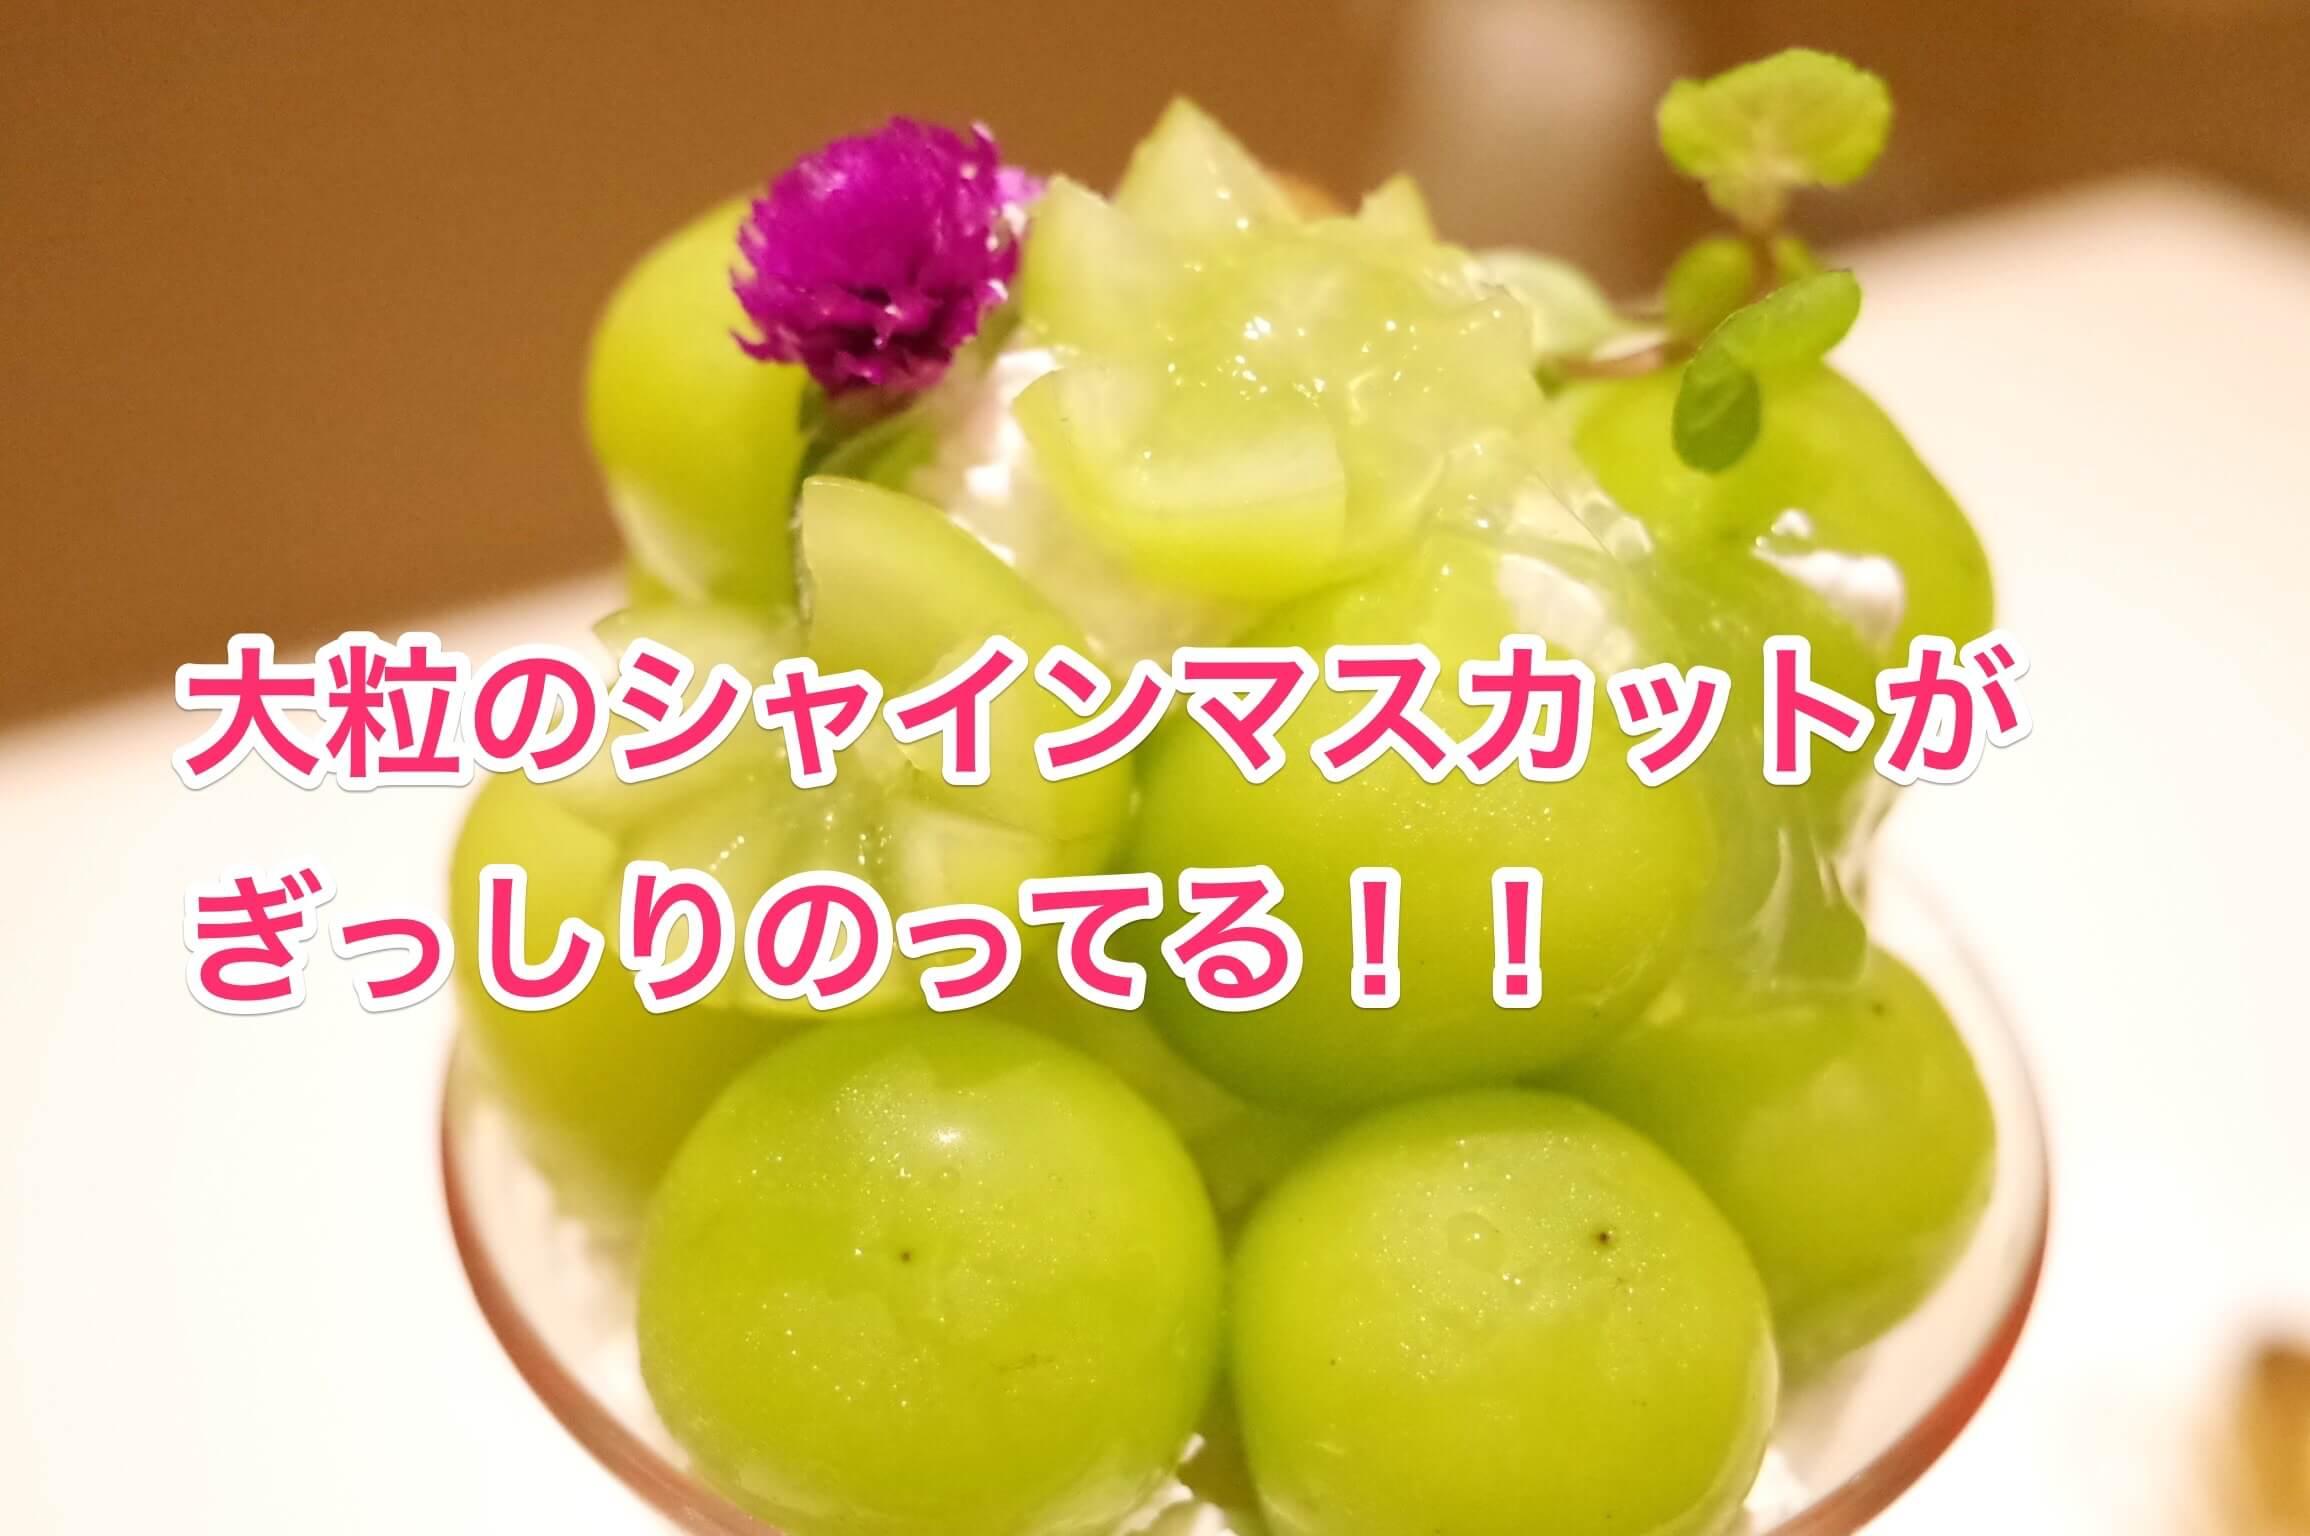 西村フルーツパーラー 〜 特選シャインマスカットパフェで秋の味覚堪能!大粒の葡萄がたっぷりで食べ応えあり